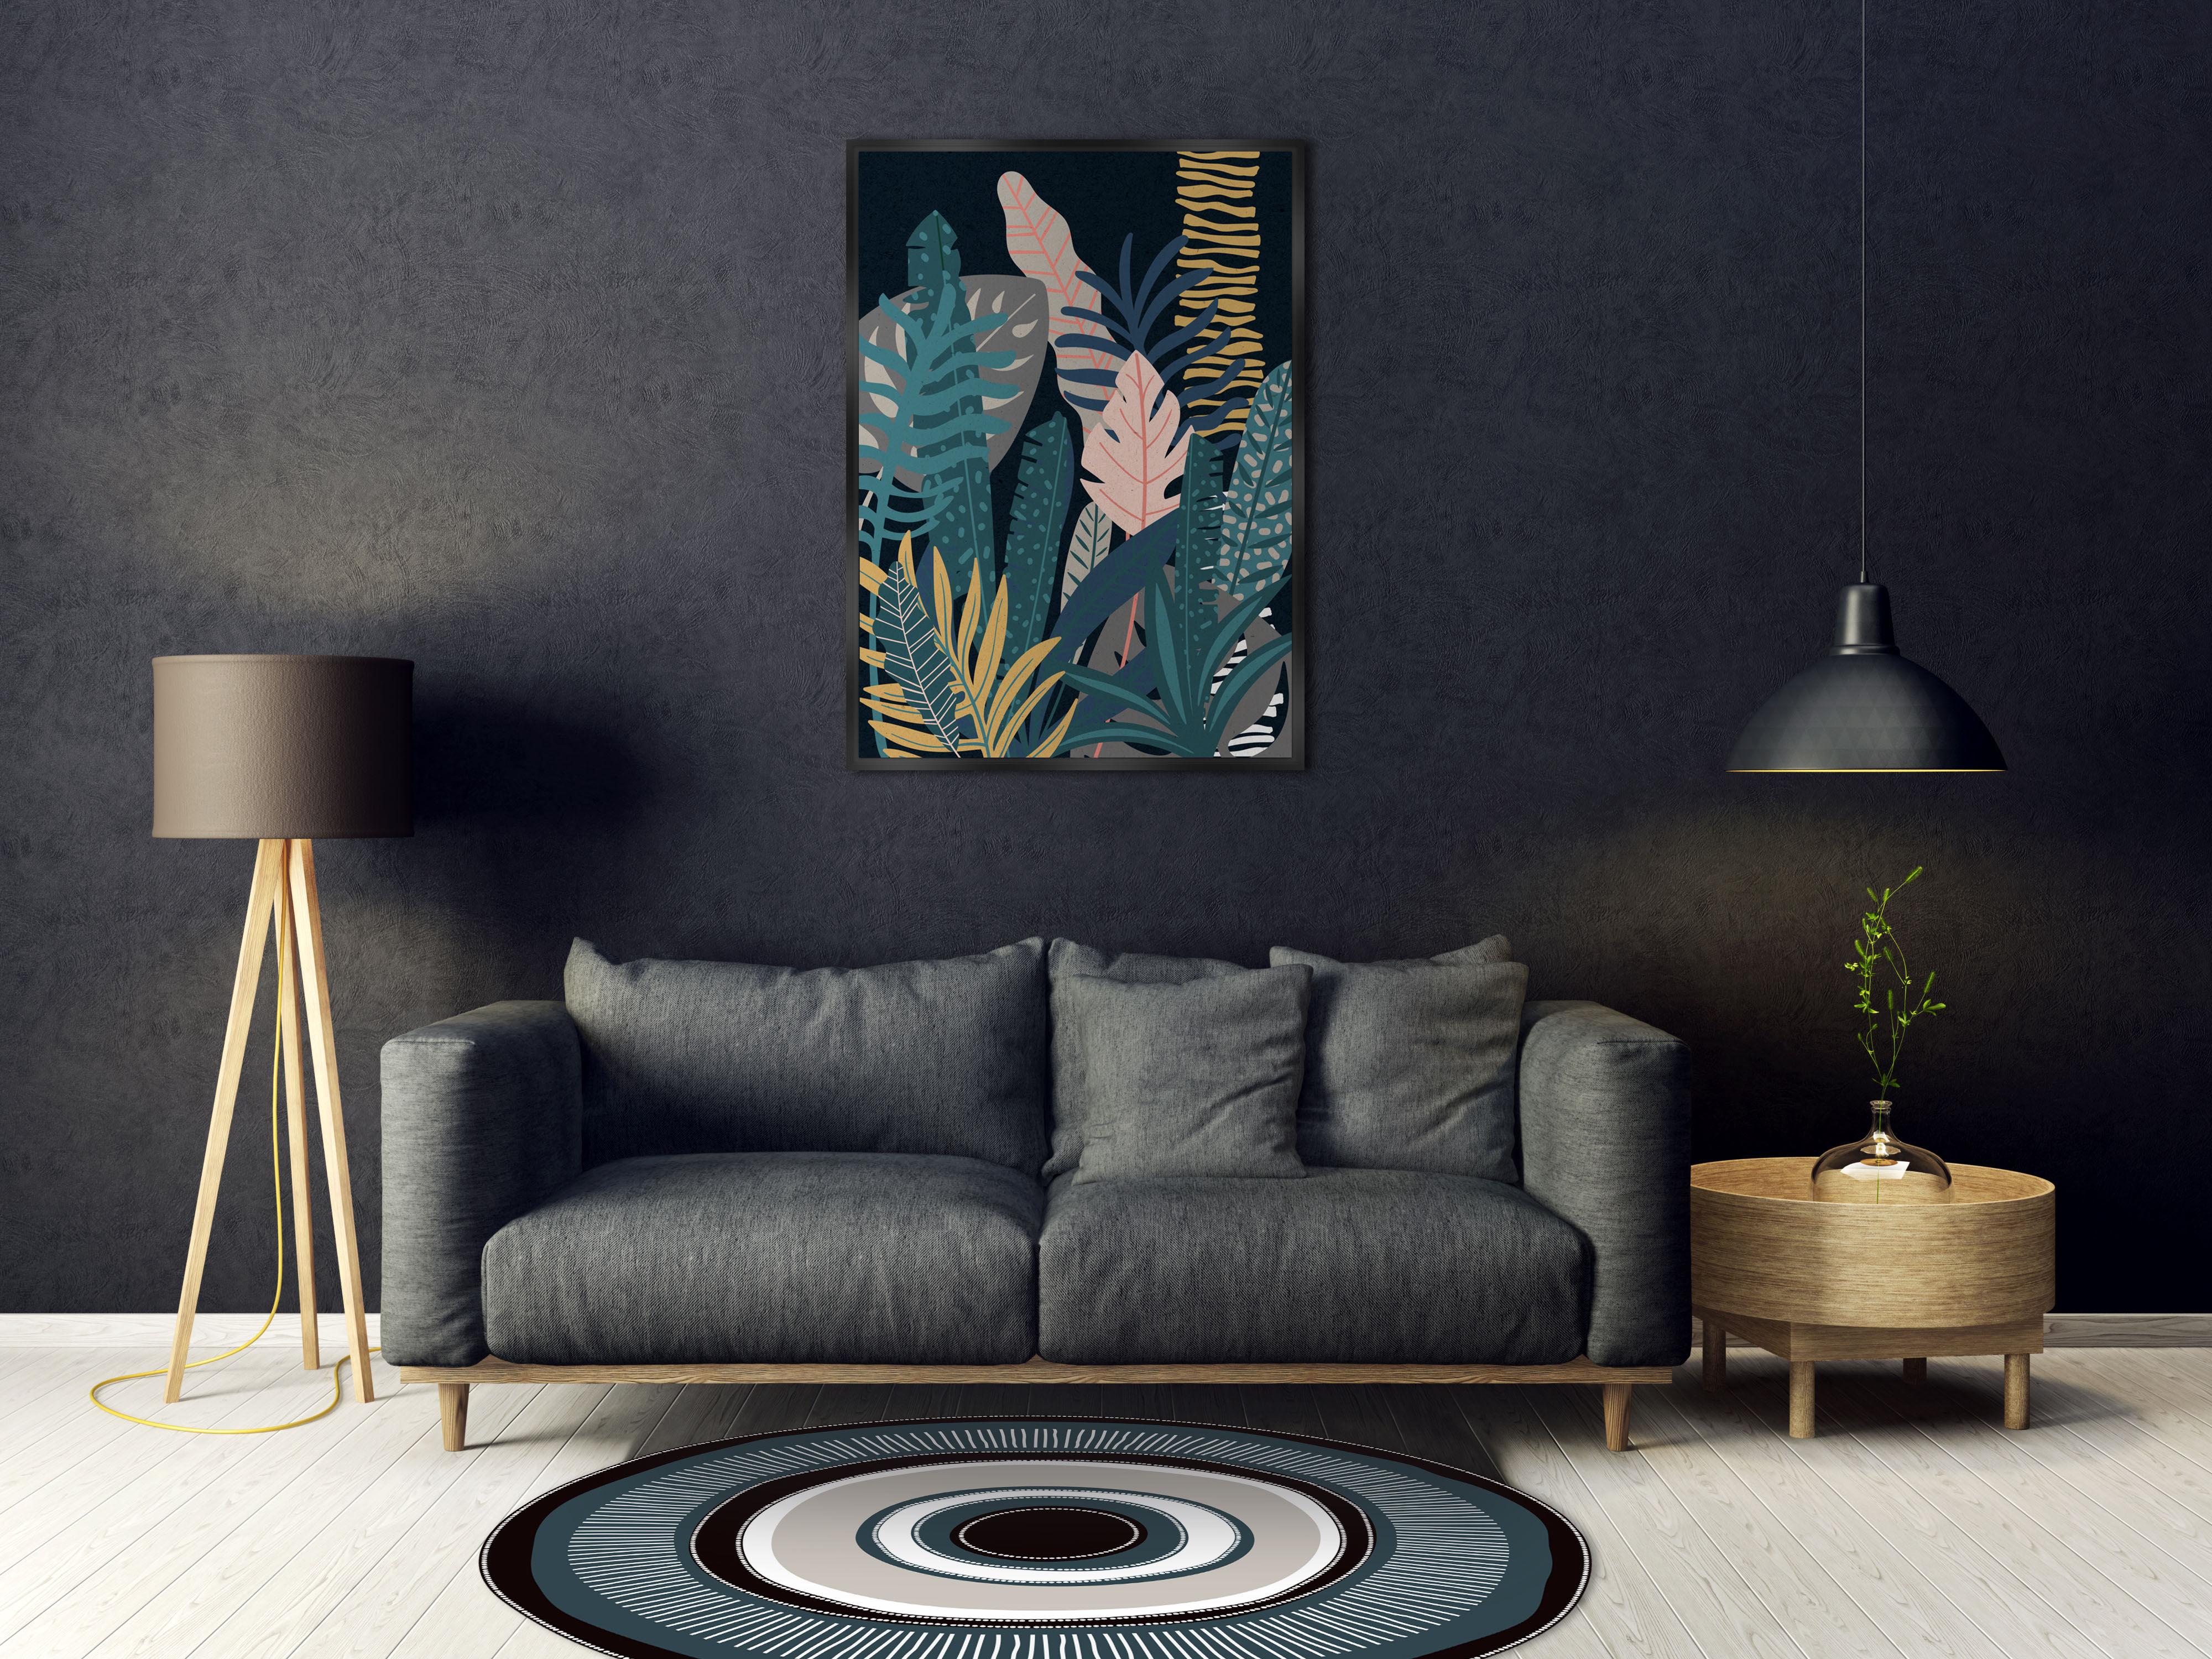 teppich il our il von p devache auge blau schwarz grau 99 made in design. Black Bedroom Furniture Sets. Home Design Ideas